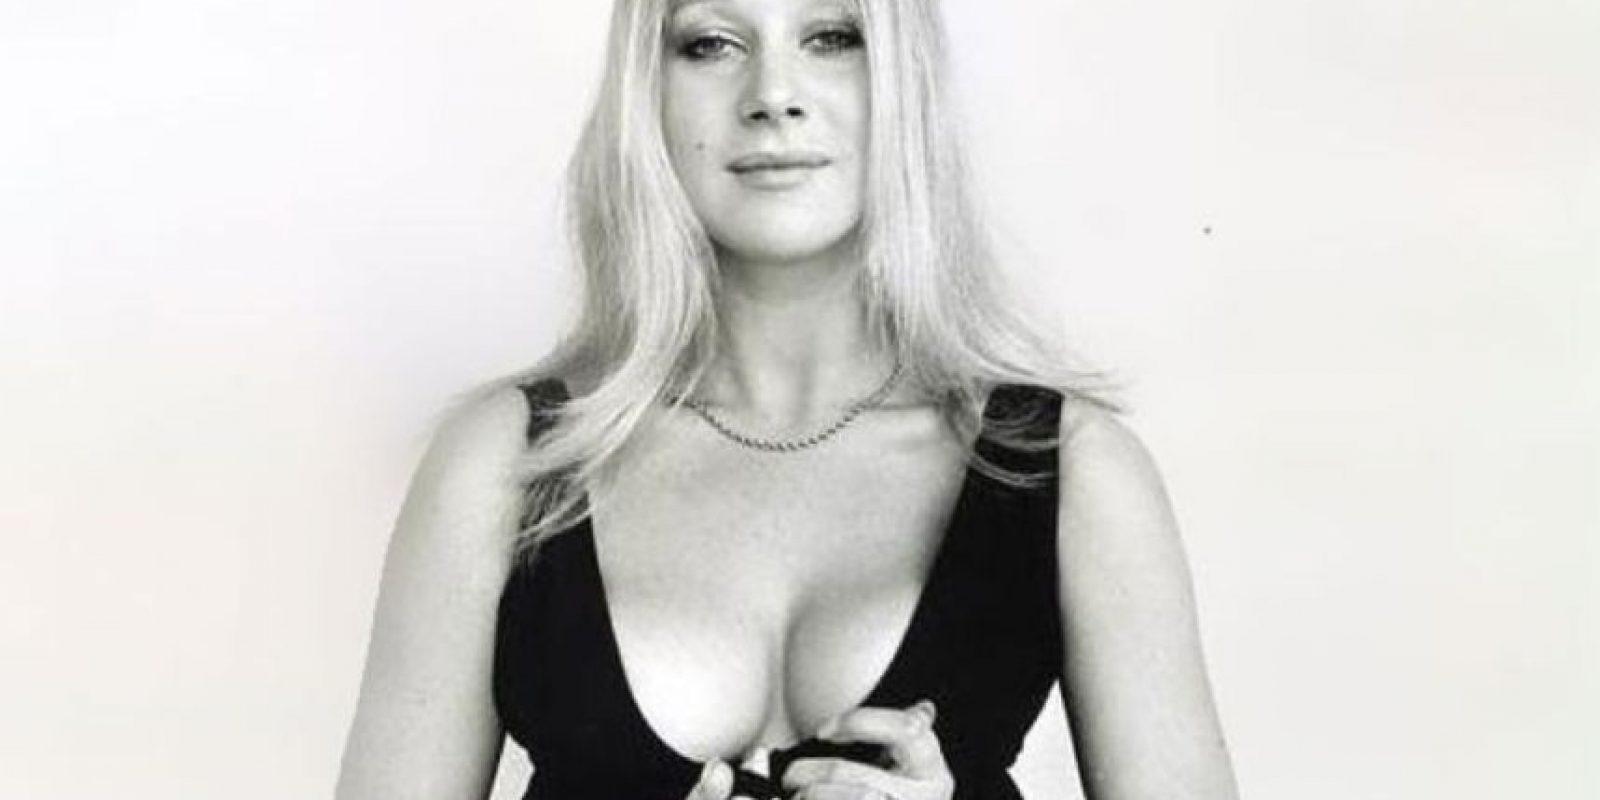 Esta provocativa joven llegó a convertirse en una actriz británica importante. Foto:BBC